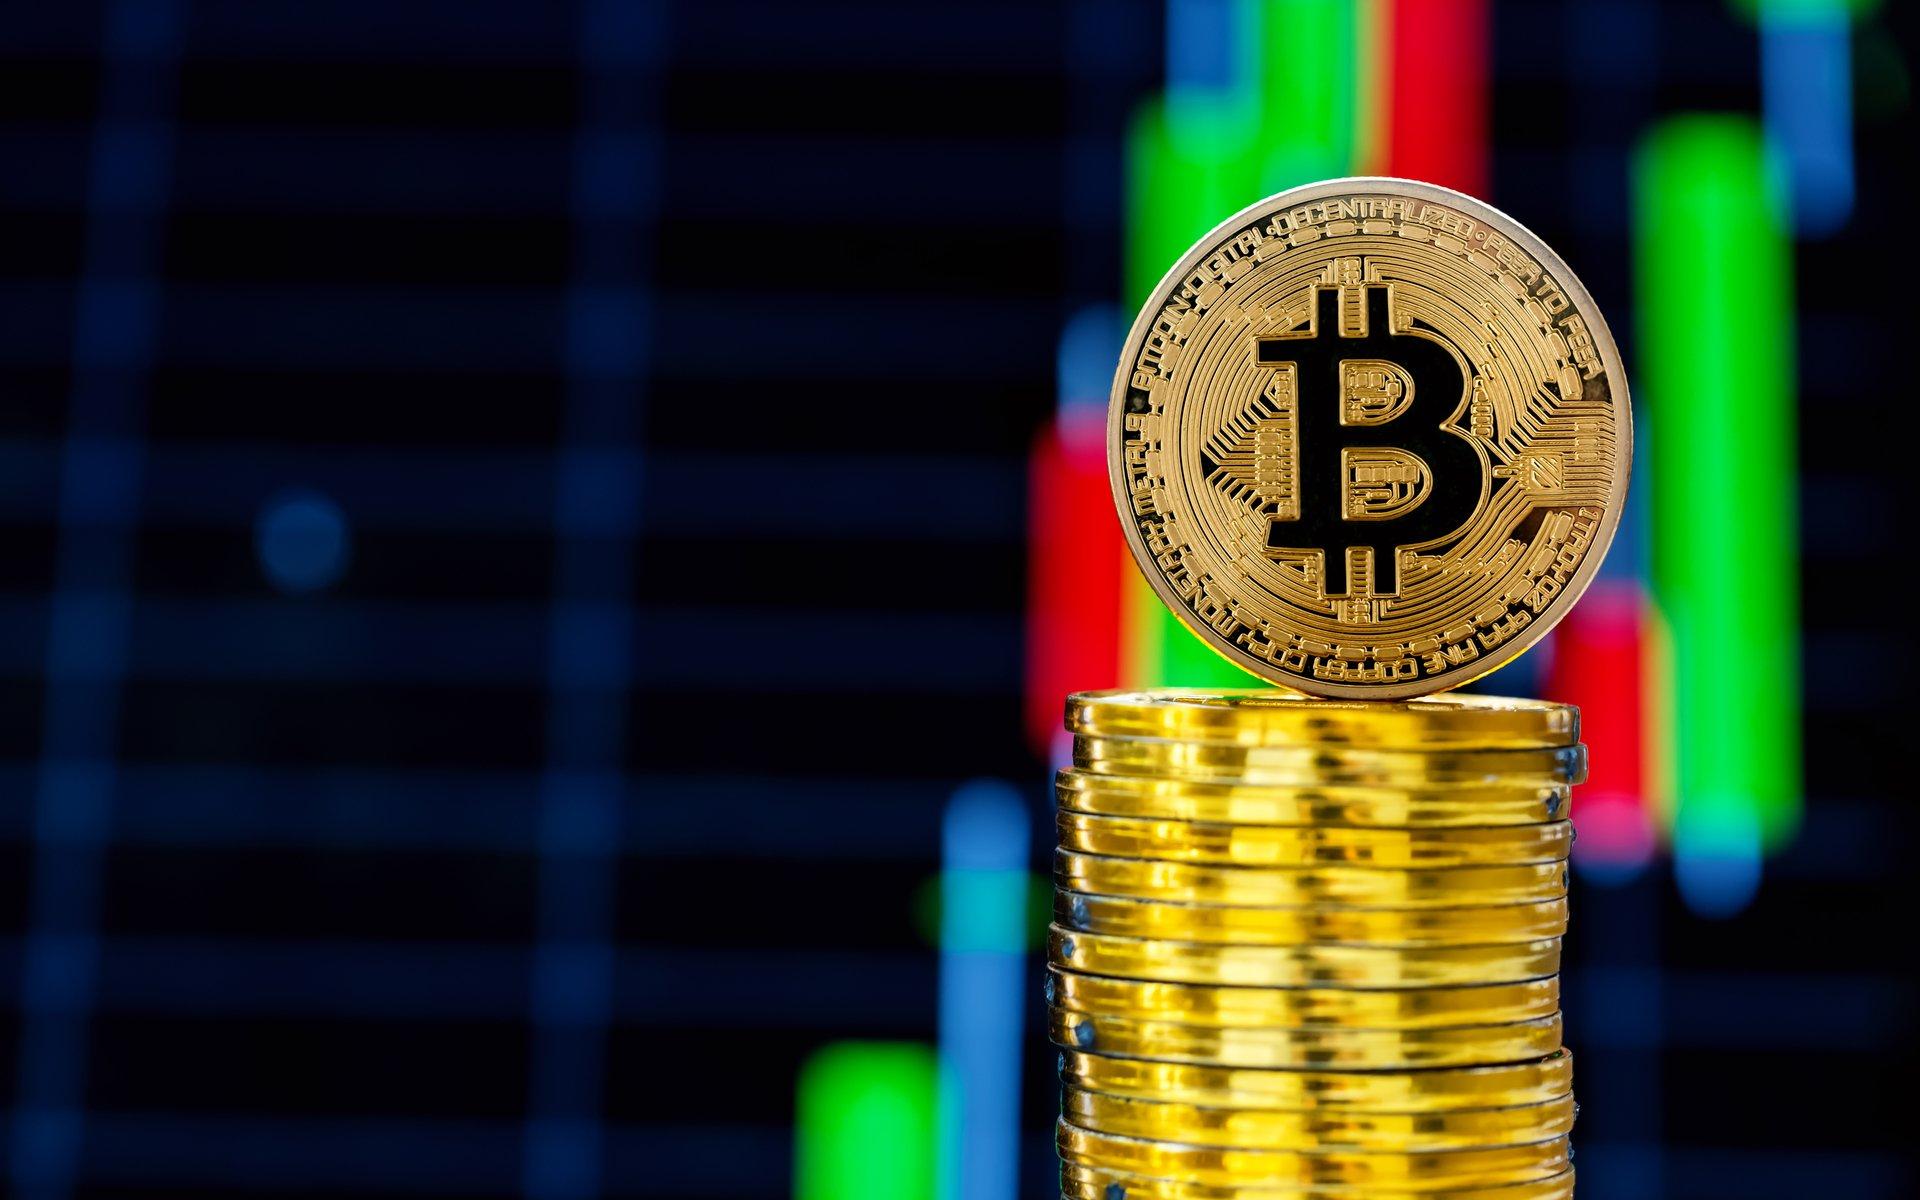 Bitcoin Şu An Ticaret İçin Güçlü Temellere Sahip